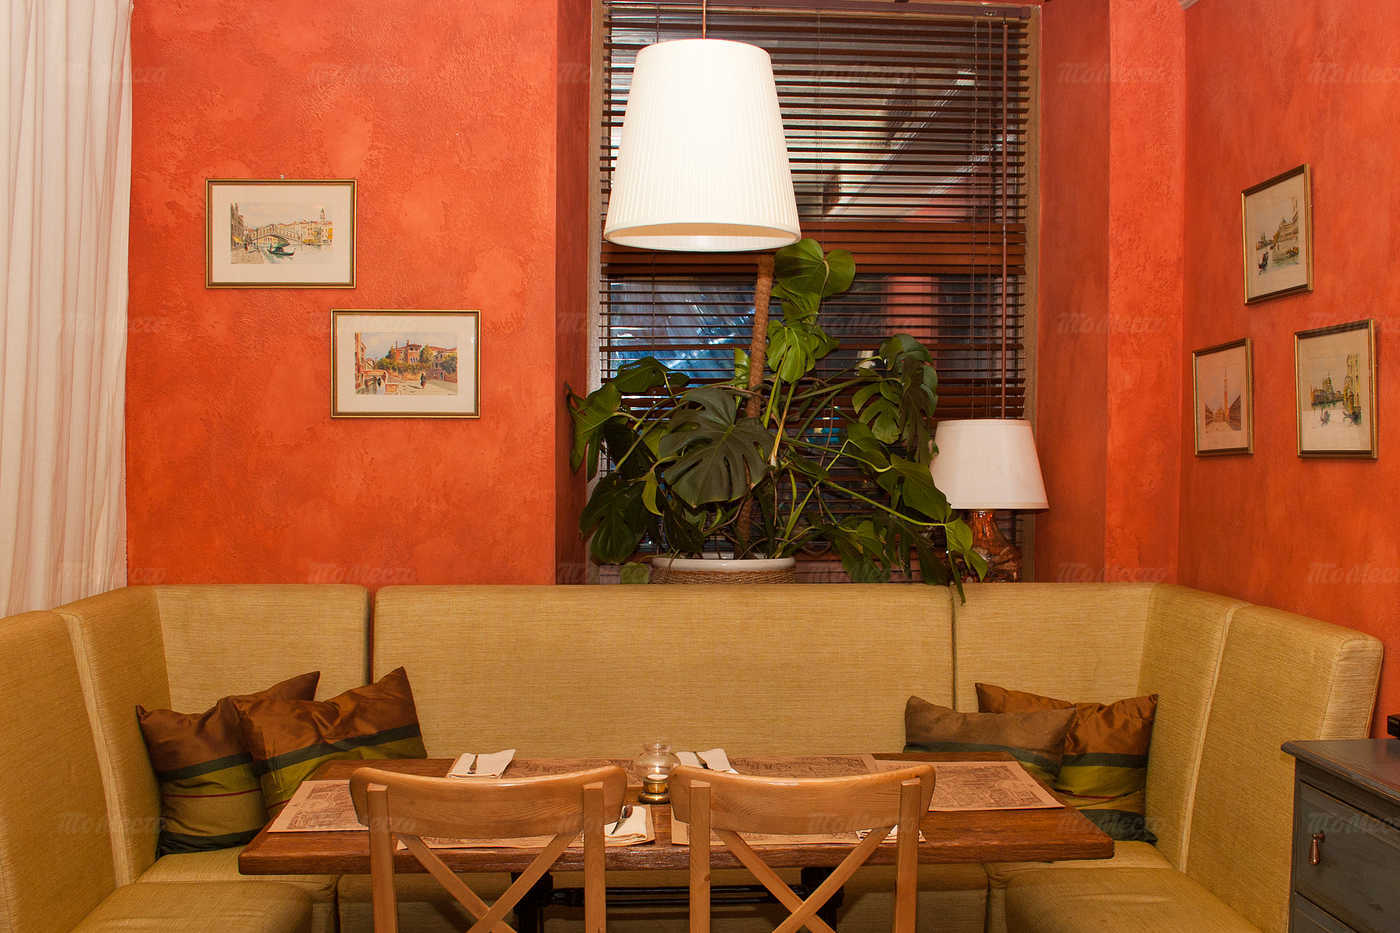 Меню ресторана Траттория Стефано (Trattoria Stefano) на Малой Морской улице